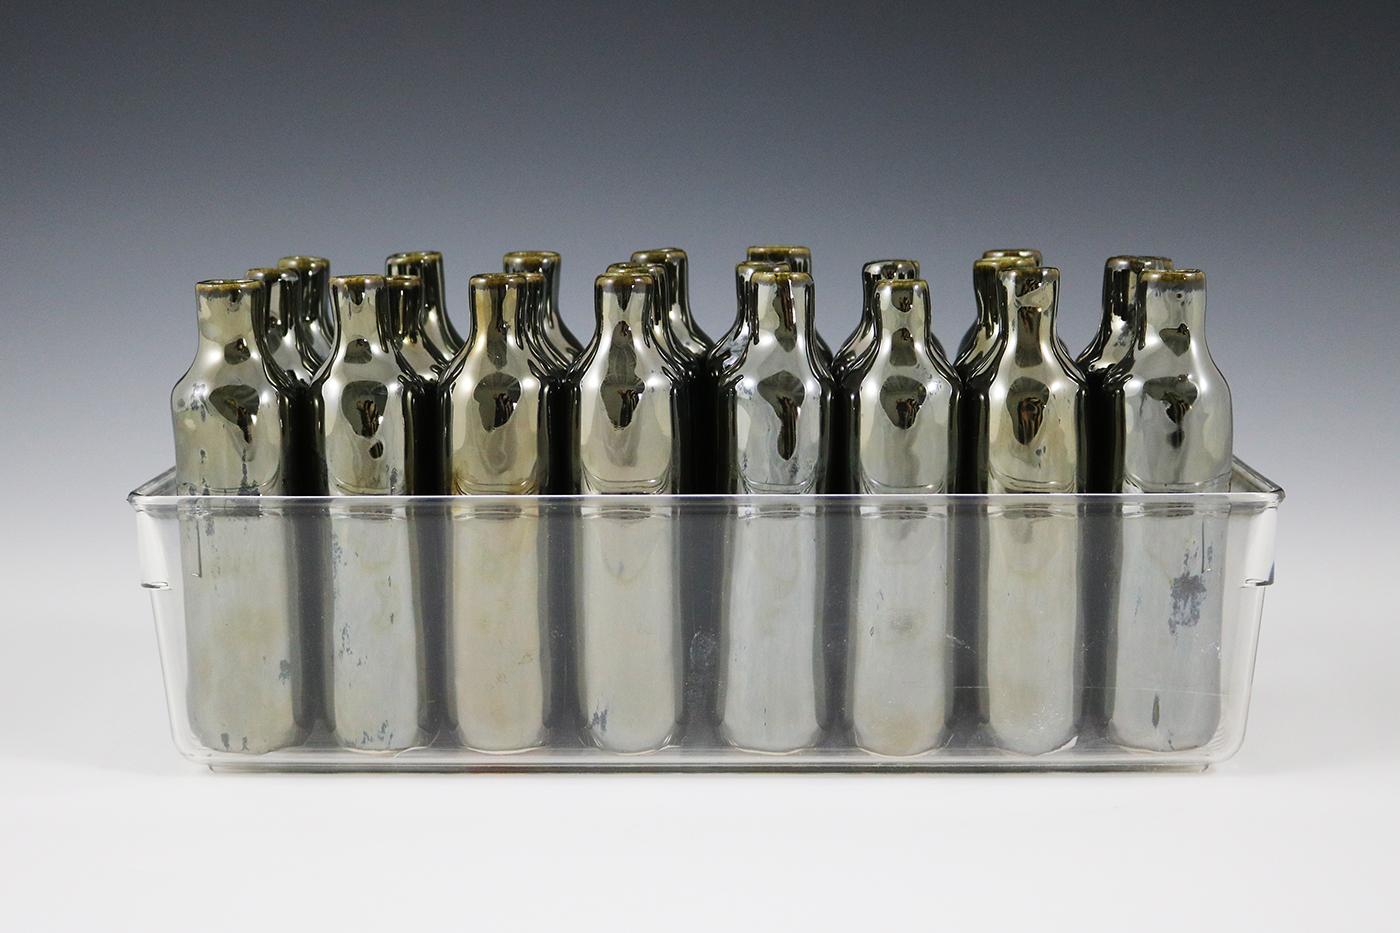 15 Bottles.jpg